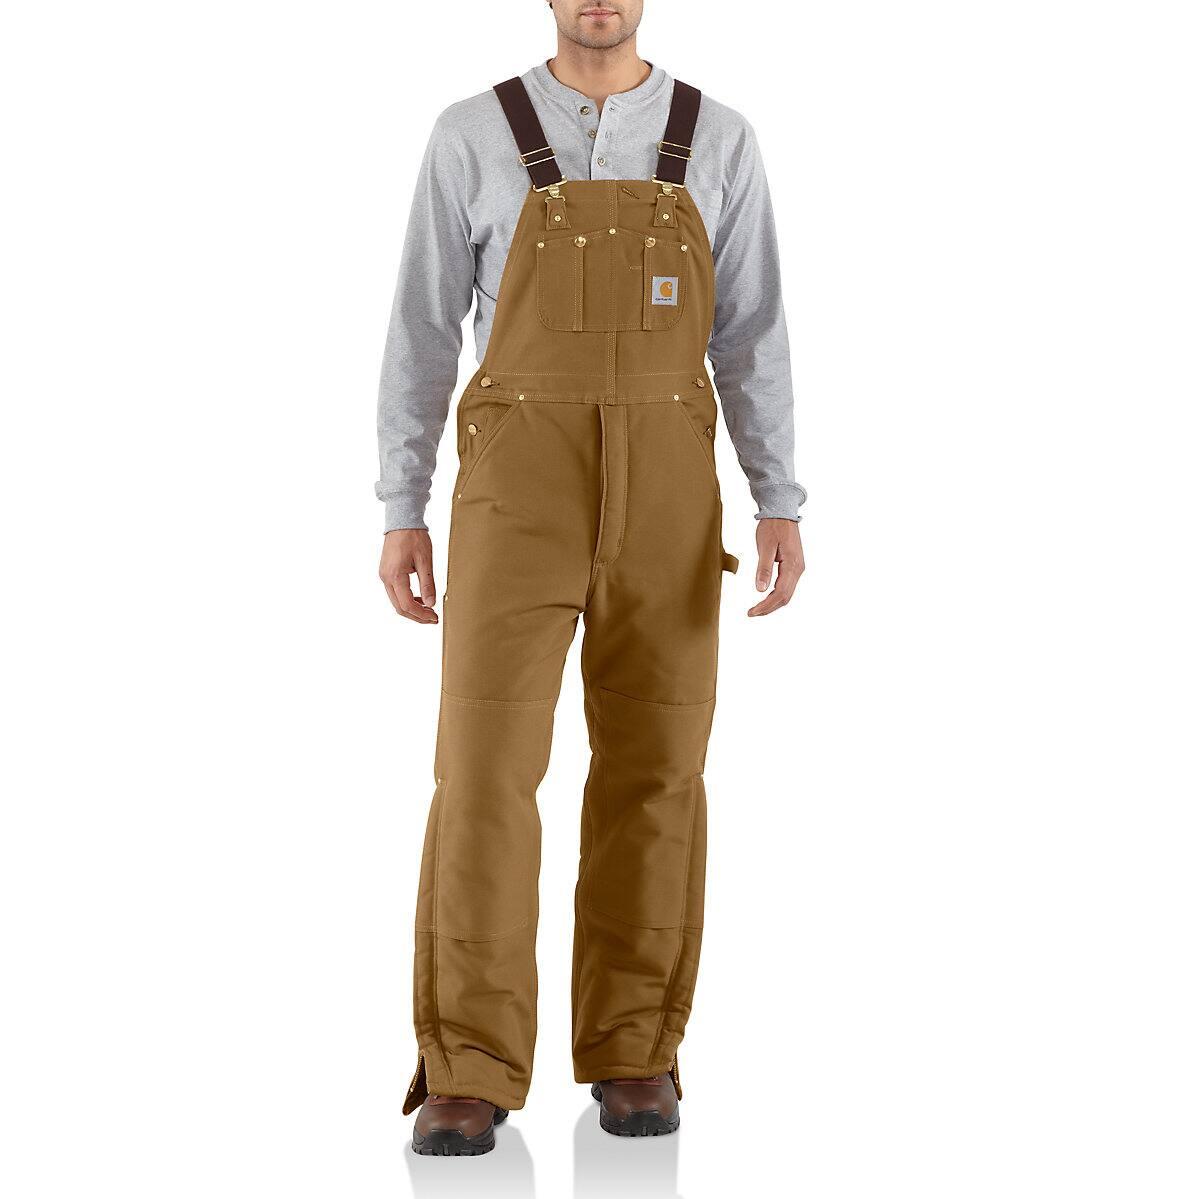 088a1d9a71a54 Men's Duck Bib Overall / Arctic Quilt Lined R03 | Carhartt